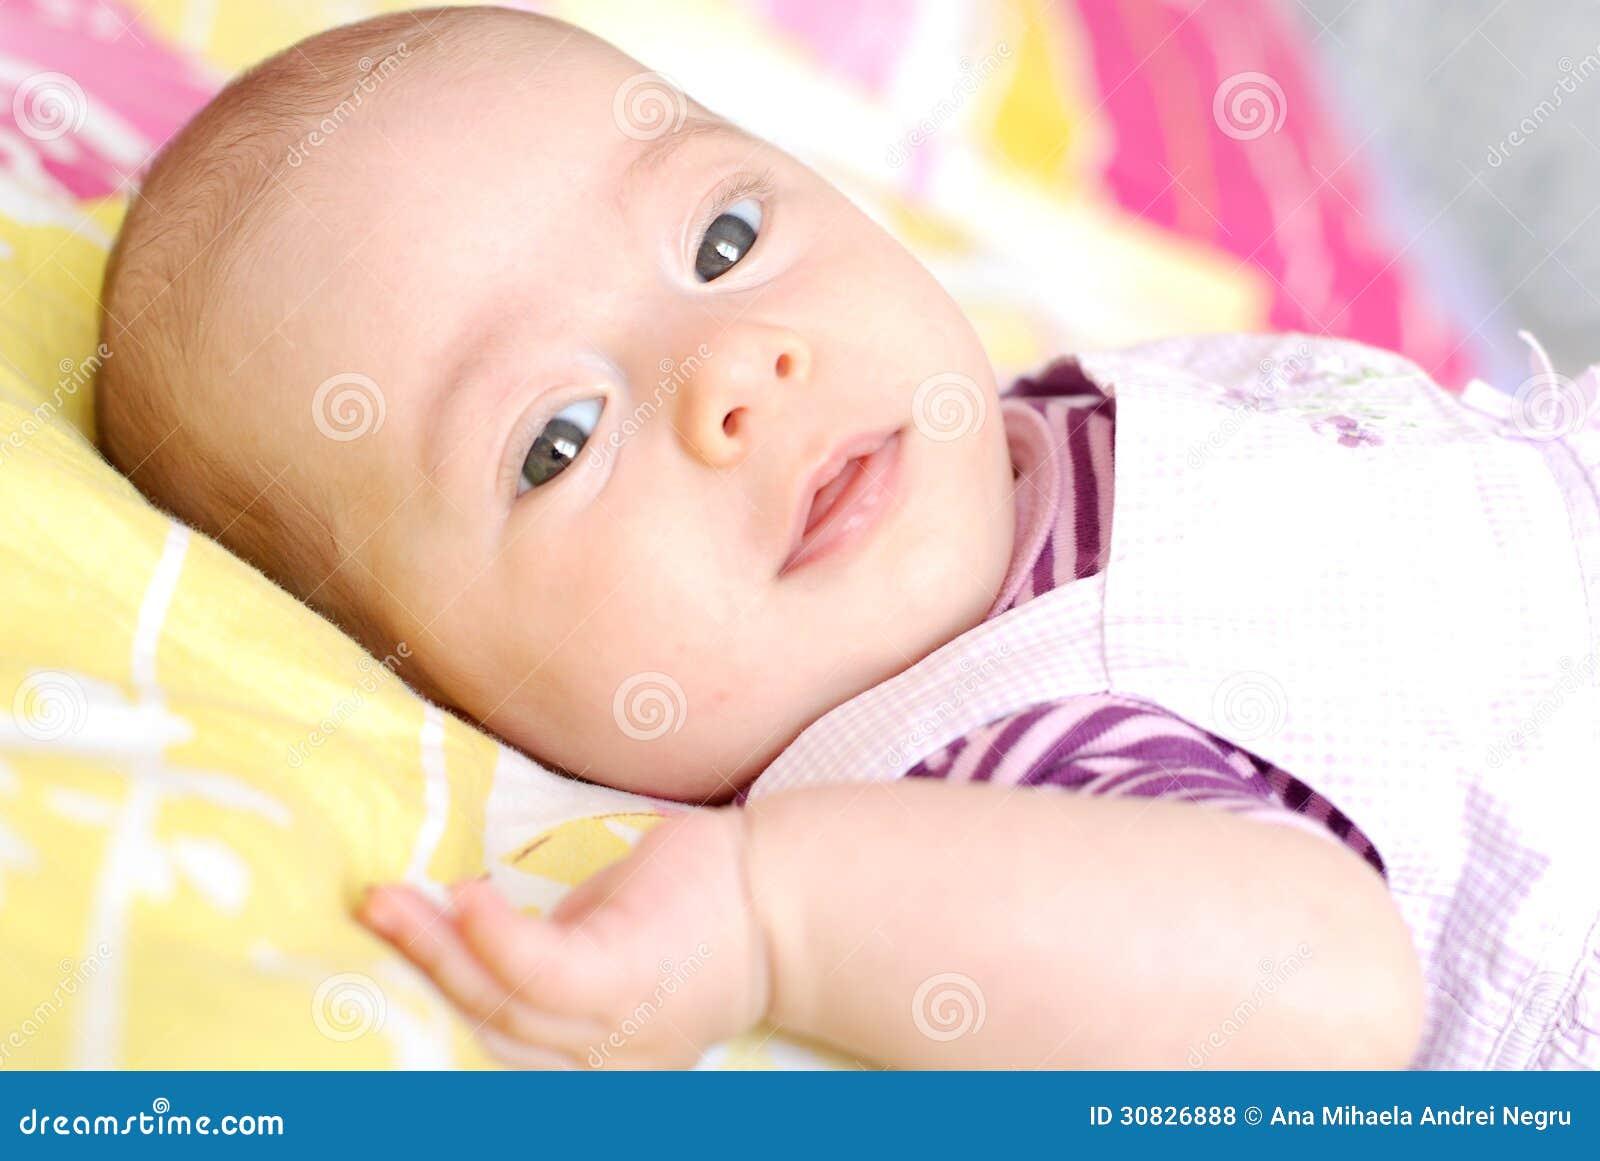 Due mesi di neonata